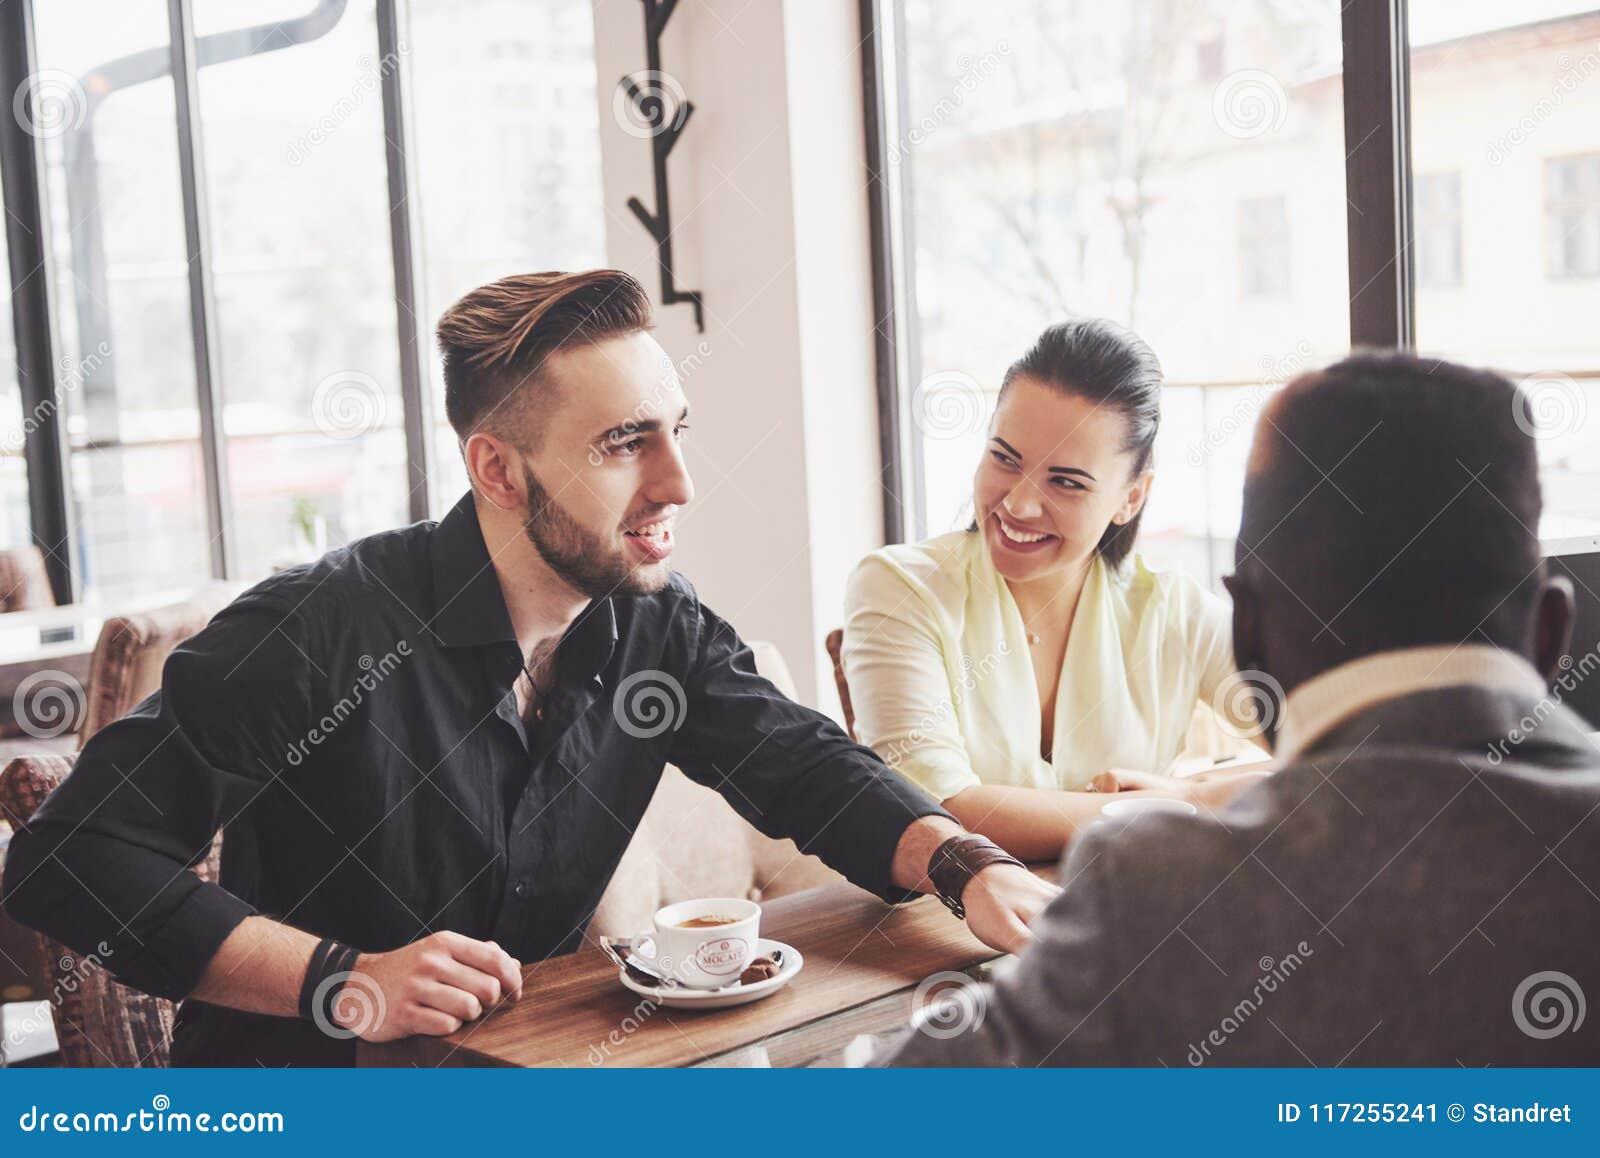 Concetto Startup di riunione di  brainstorming  di lavoro di squadra di diversità Documento rapporto di Team Coworkers Sharing Wo